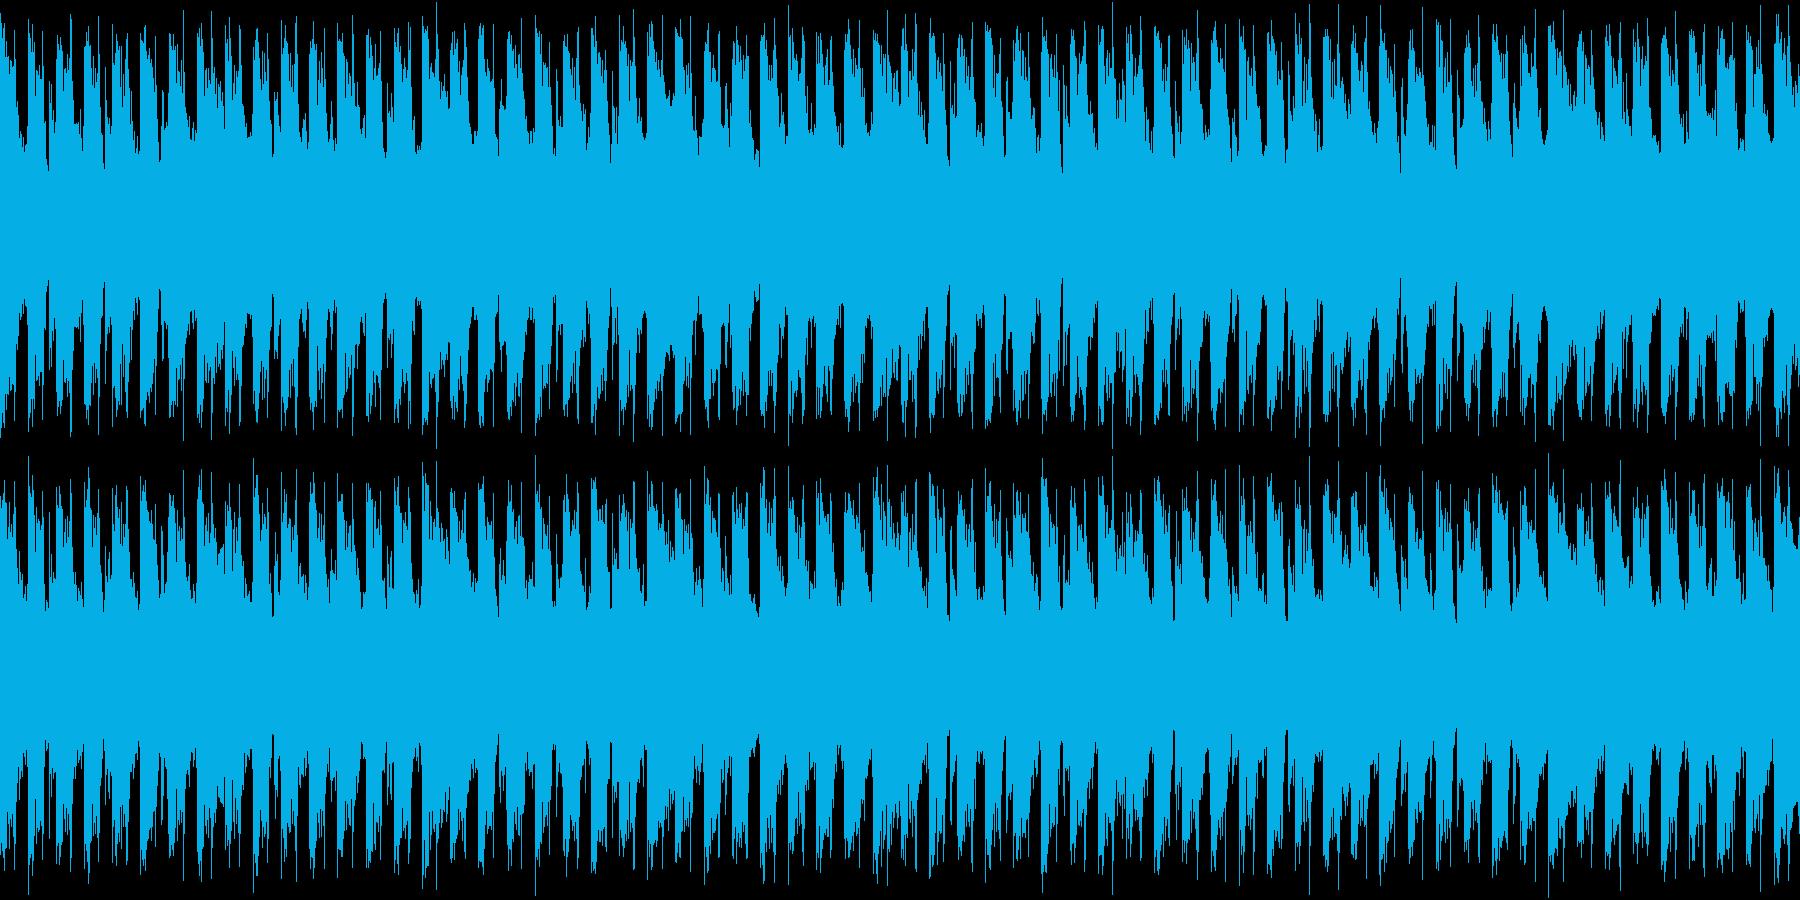 メニュー画面・ダンスループシンセの再生済みの波形